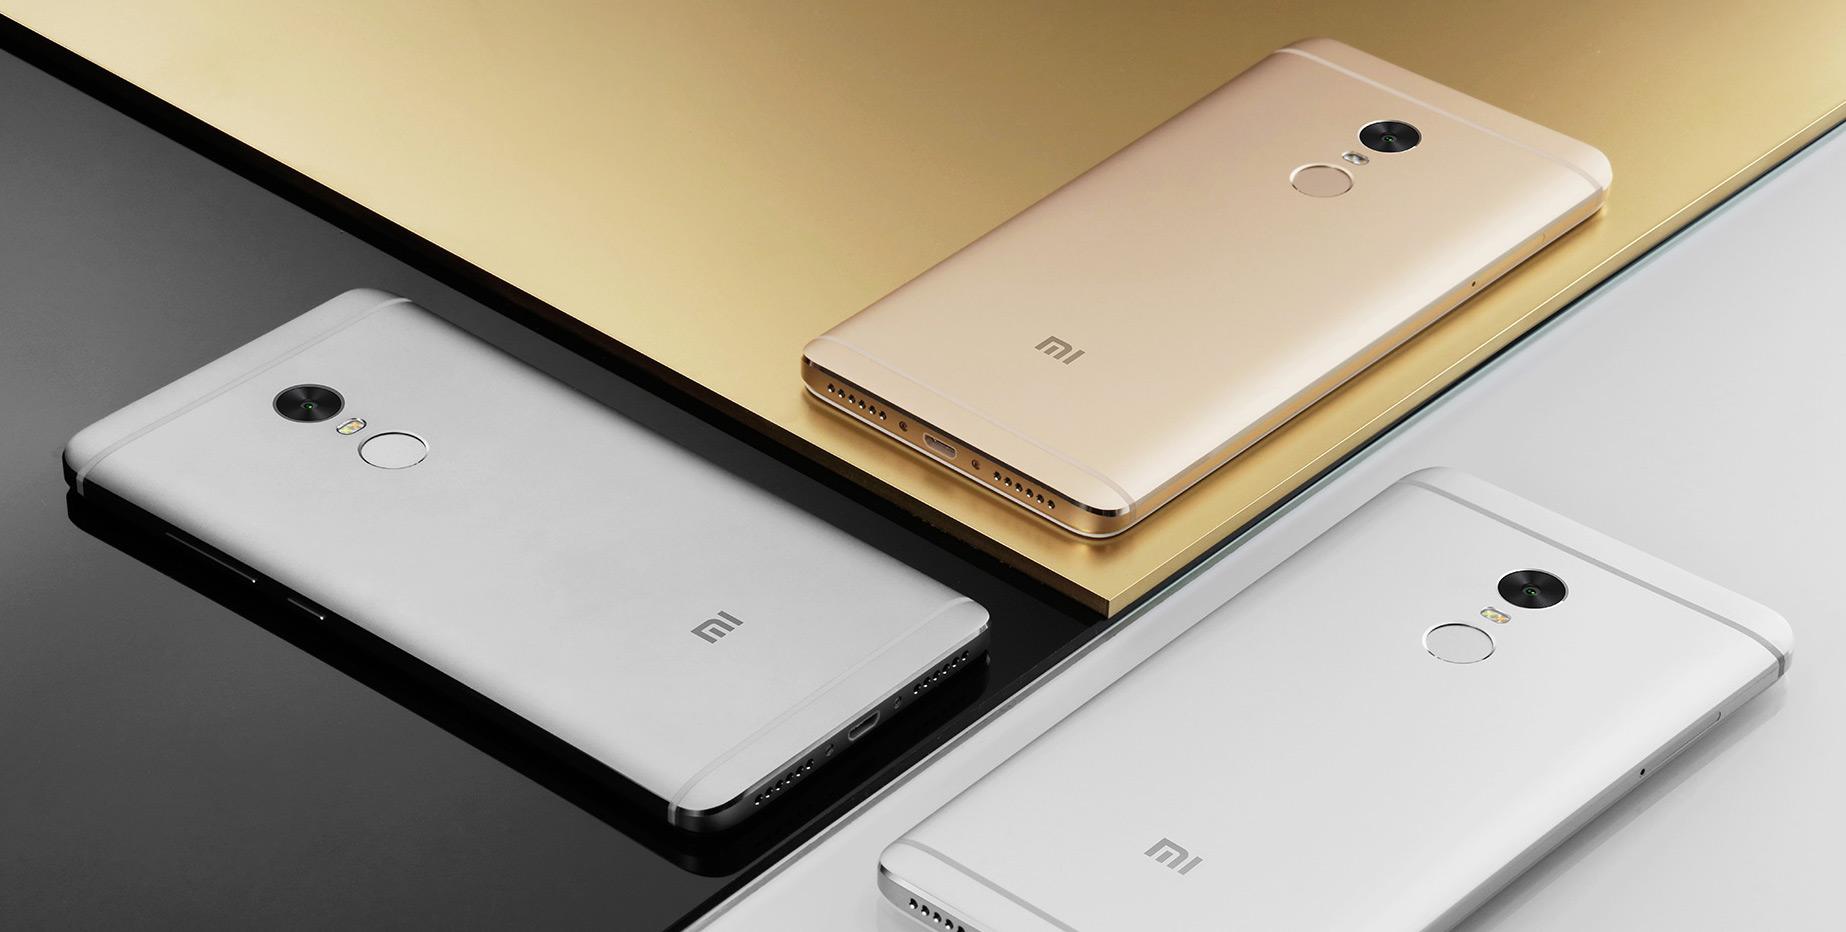 Xiaomi-Redmi-Note-4-with-Helio-X20